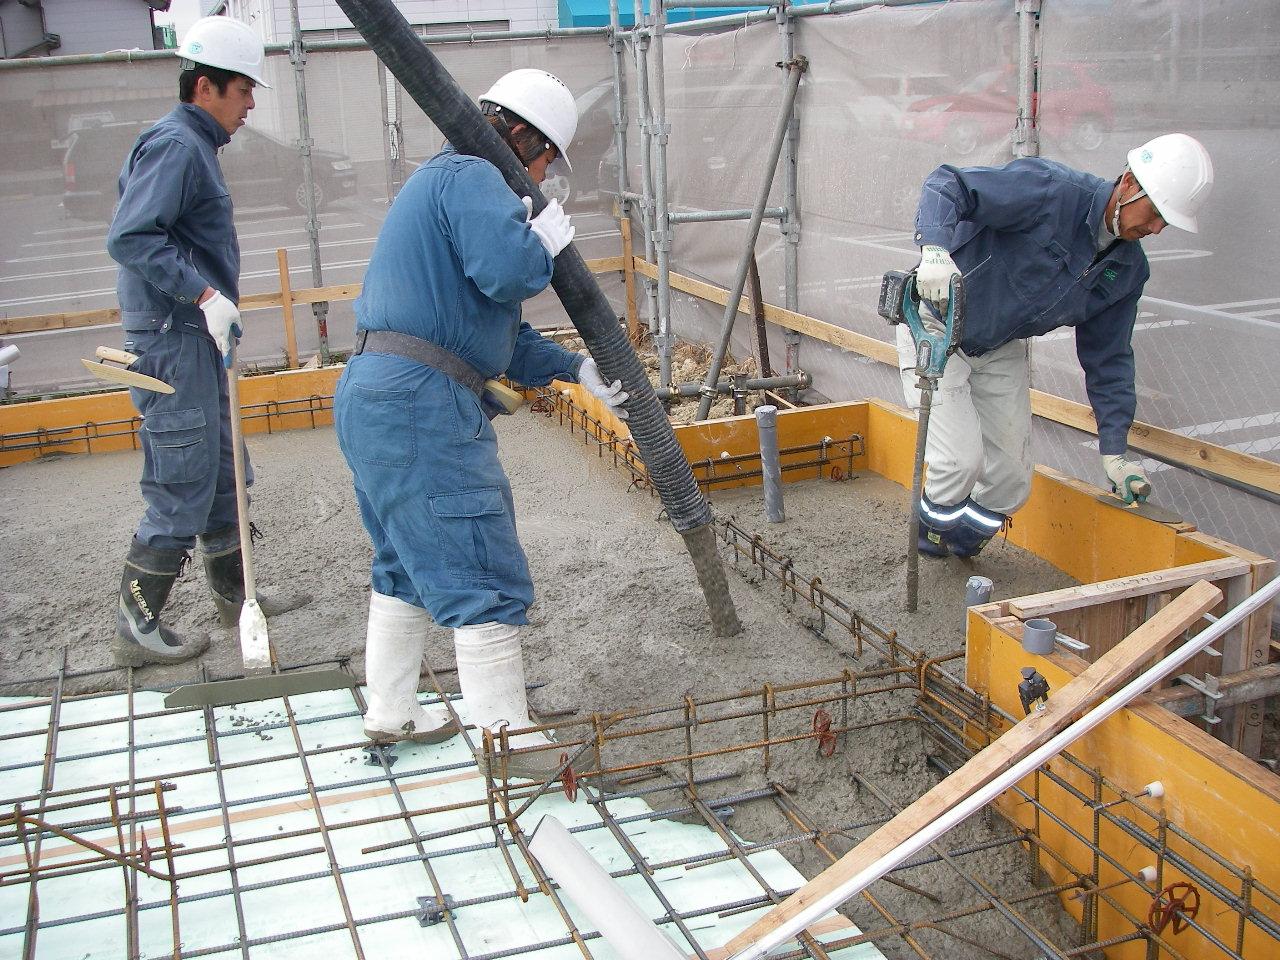 基礎工事 工事部の田中です。山岸歯科新築工事の基礎のコンクリート打設風景です。 ポンプ車からコン